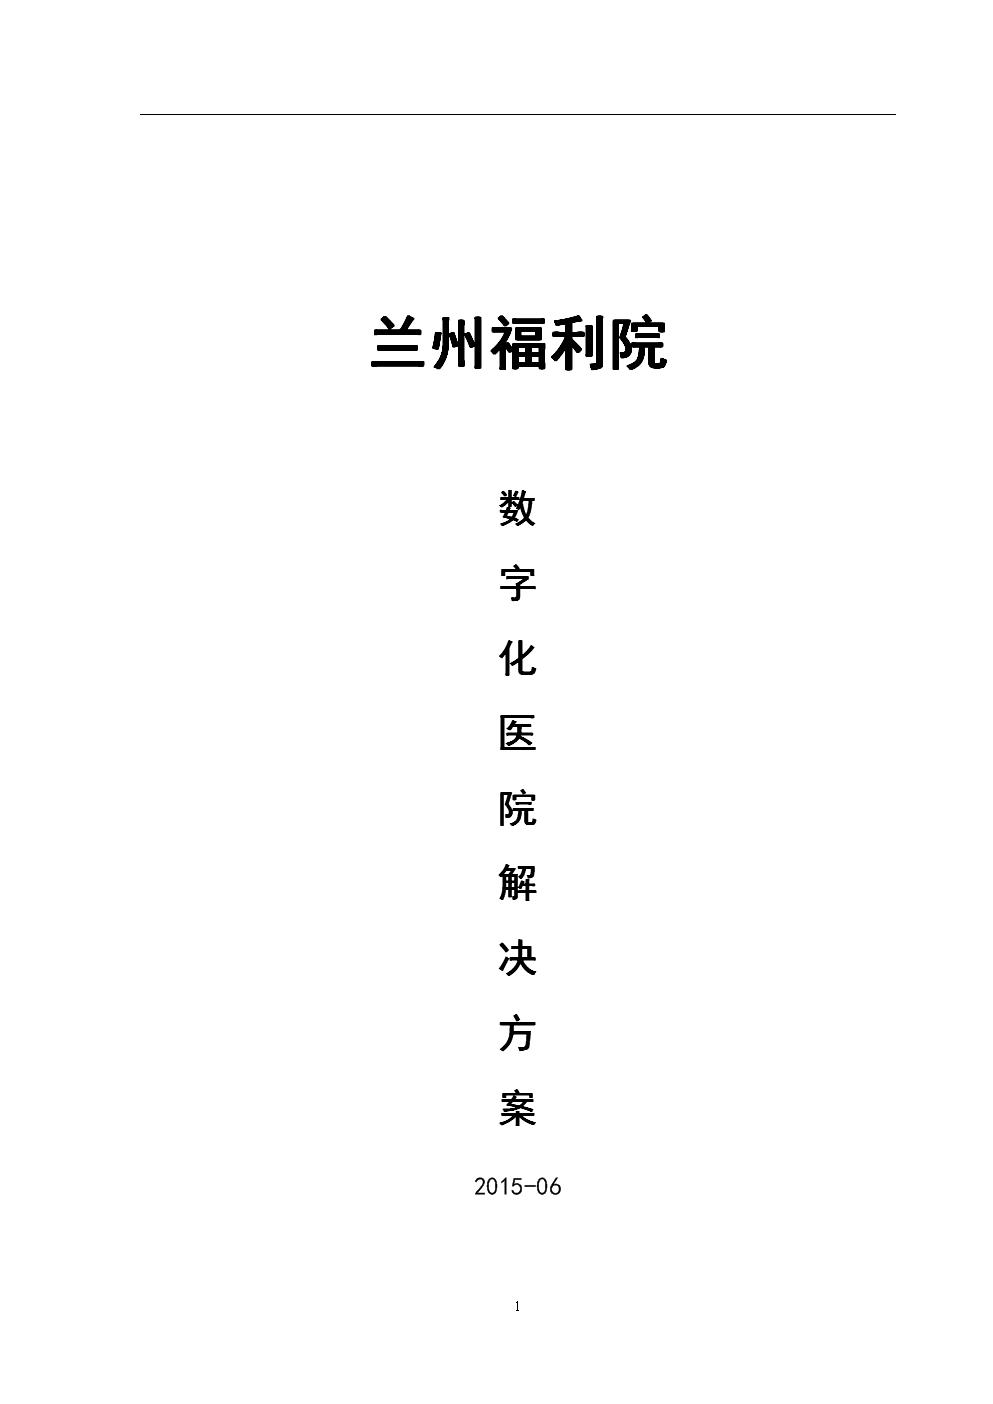 员工福利待遇兰州粤华福利院数字化医院解决方案.doc